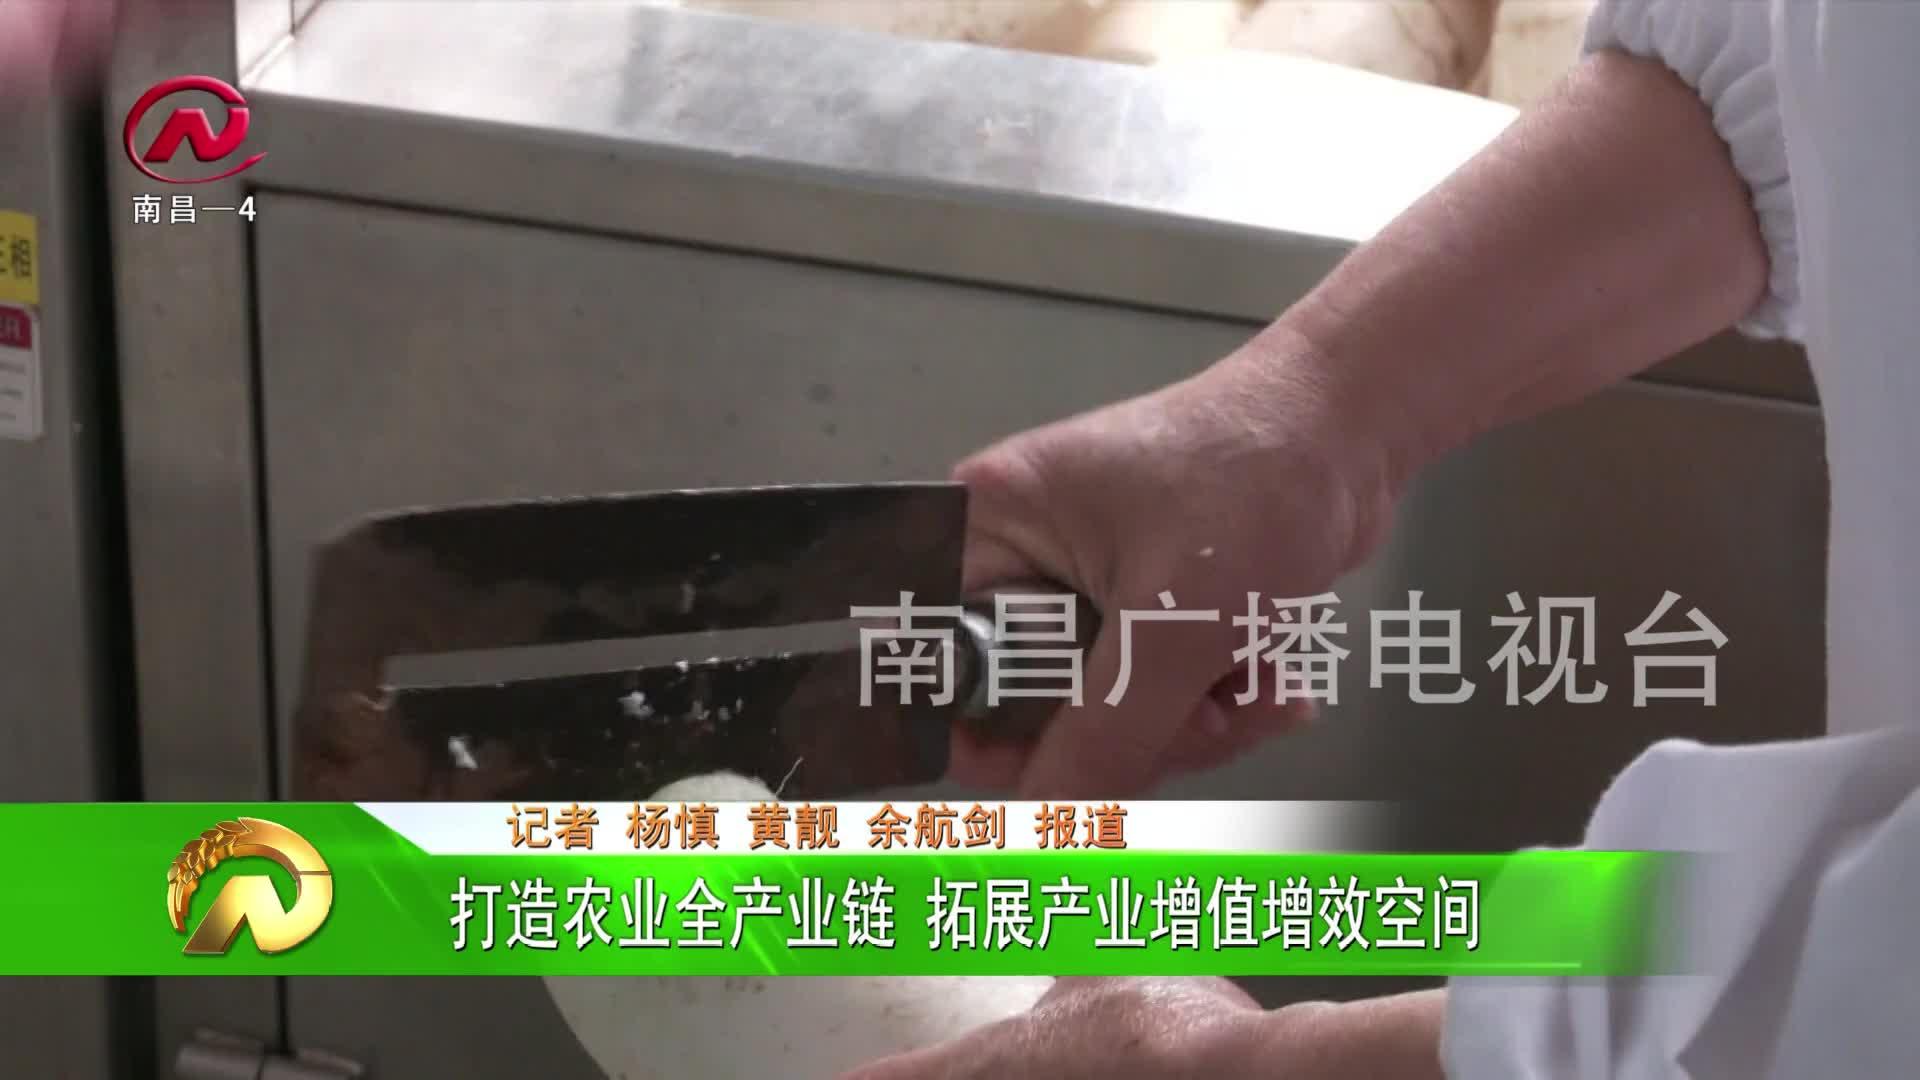 【豫章农视】打造农业全产业链 拓展产业增值增效空间